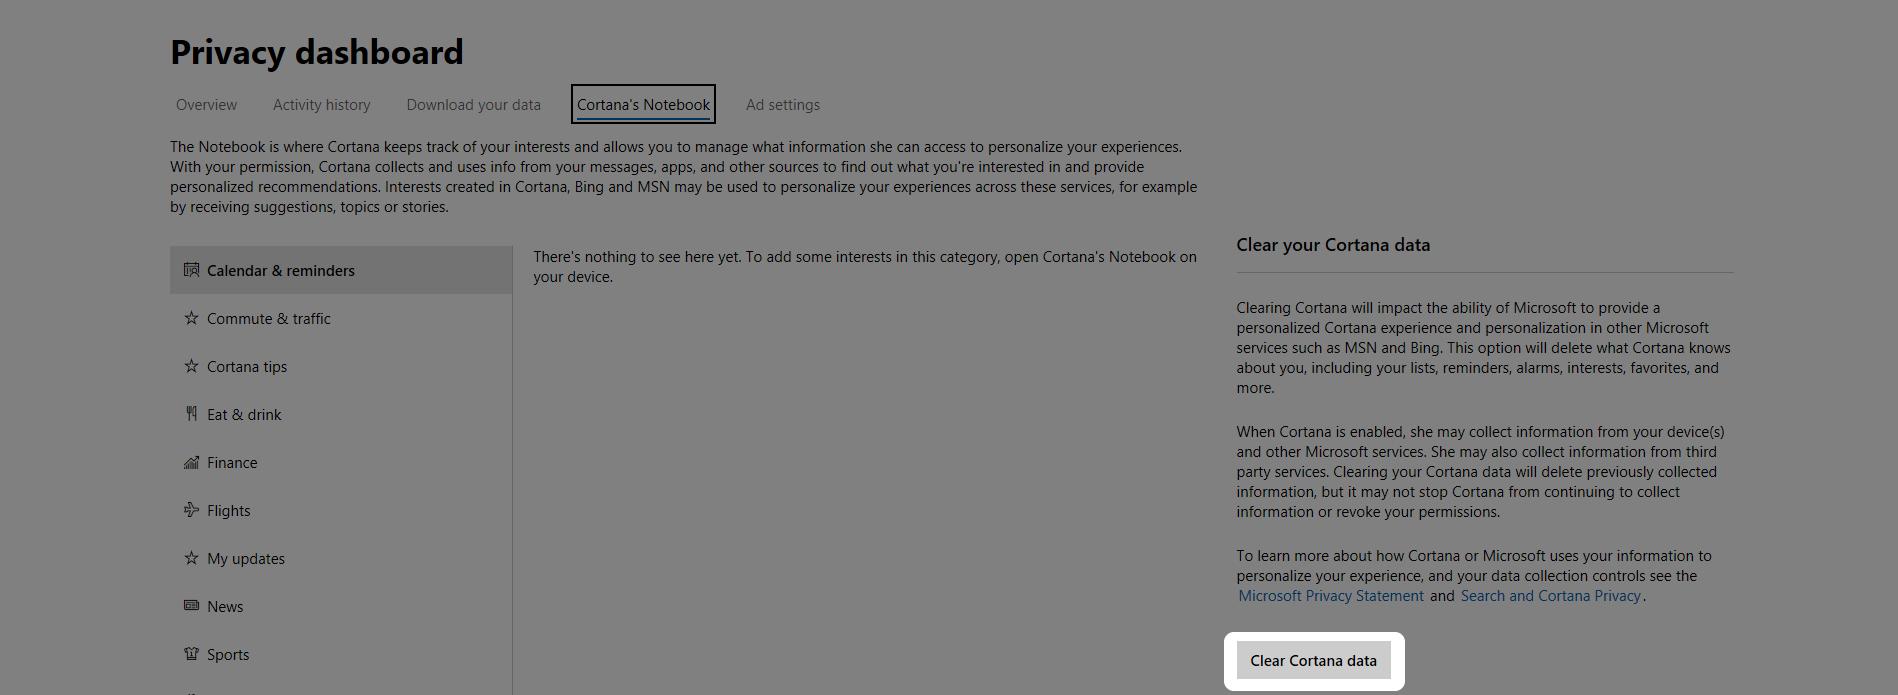 Microsoft Edge Clear Cortana data button